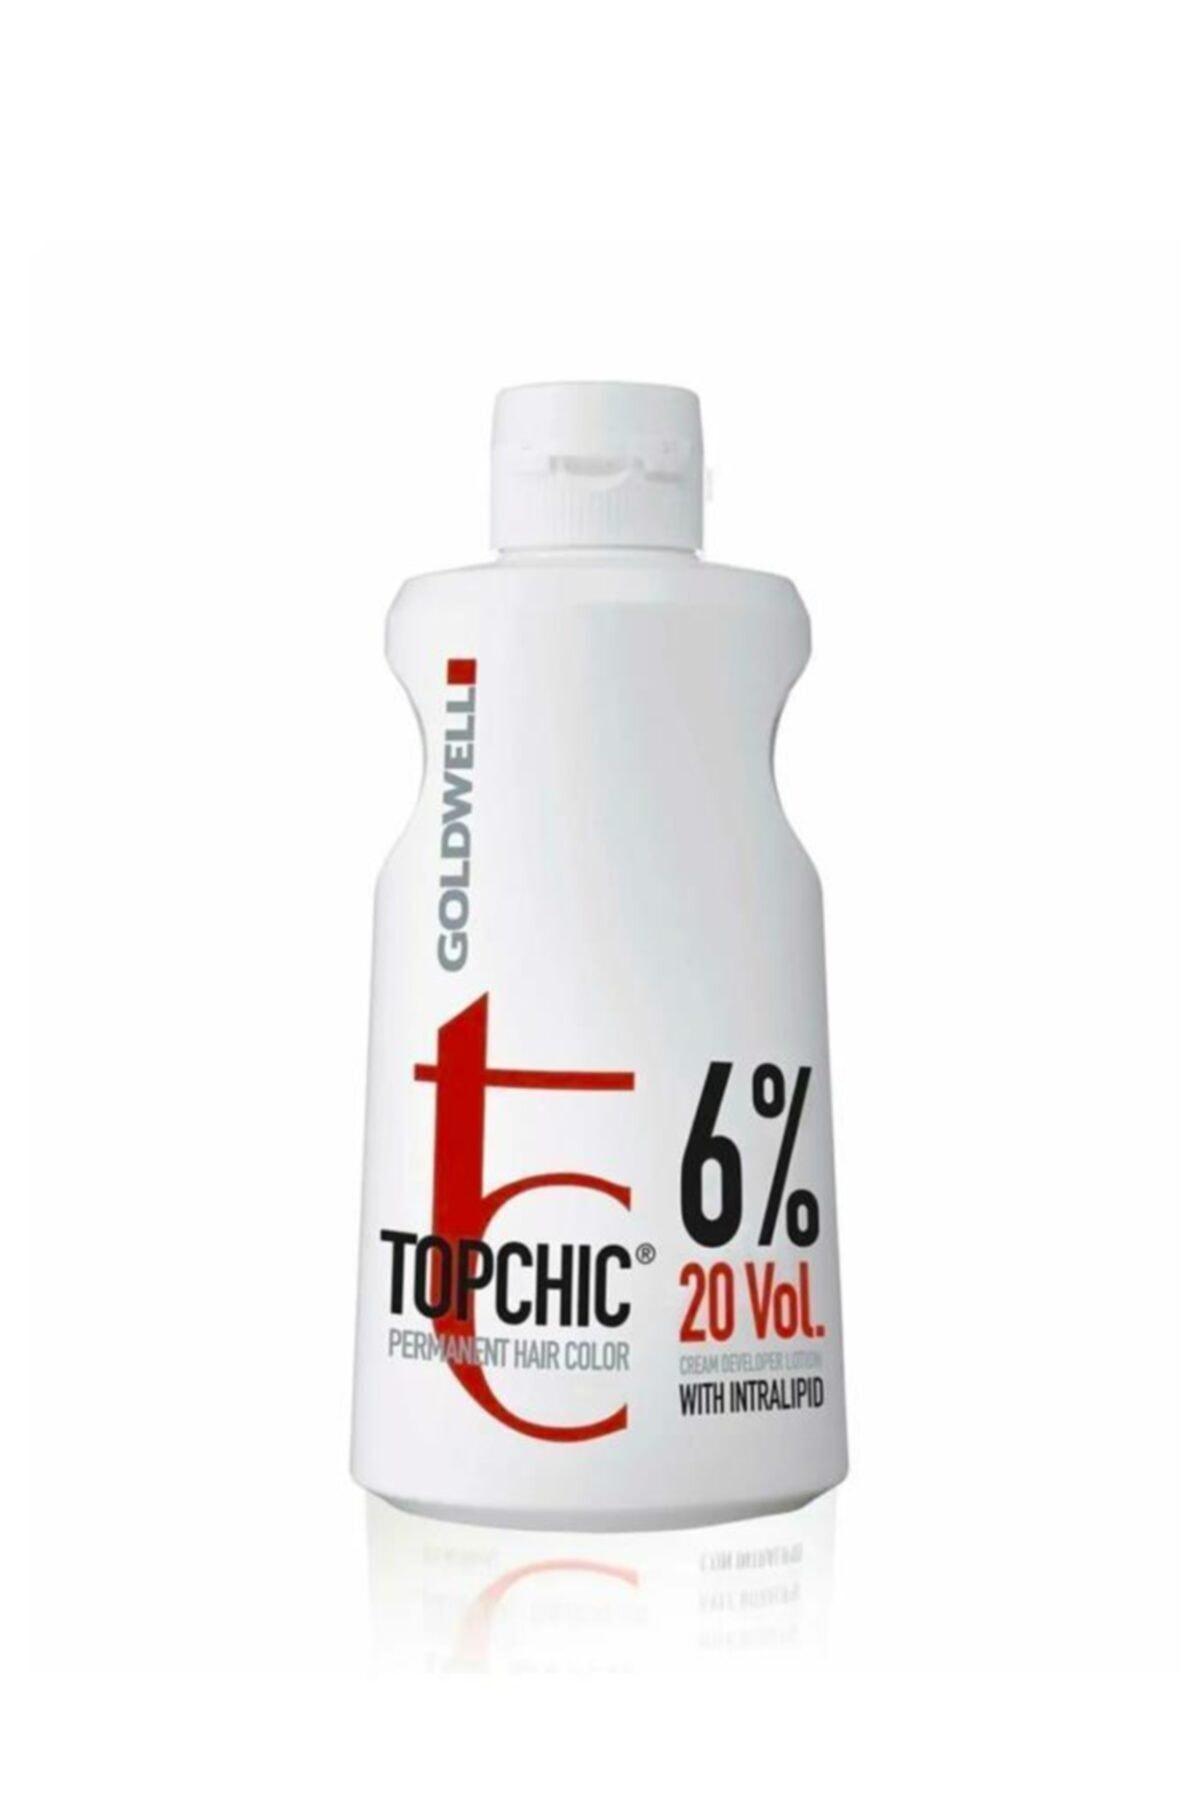 GOLDWELL Topchic Oksidan Krem %6 20 Vol 1000 ml 1